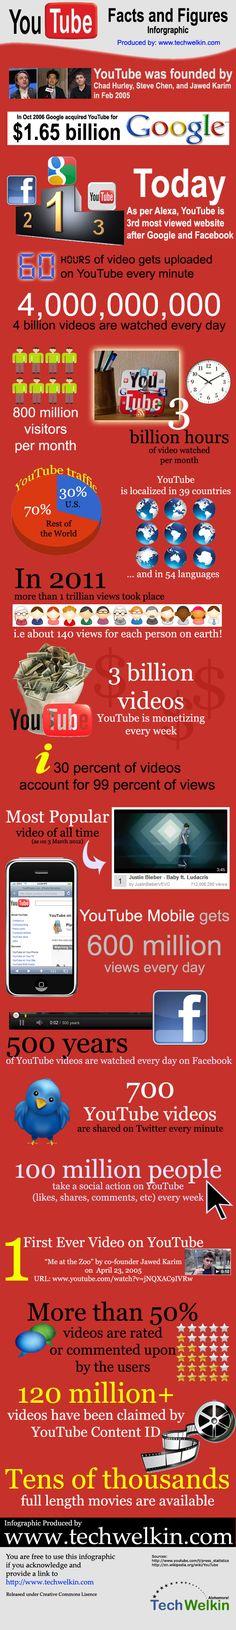 Infographie : YouTube les faits et les chiffres #infographics